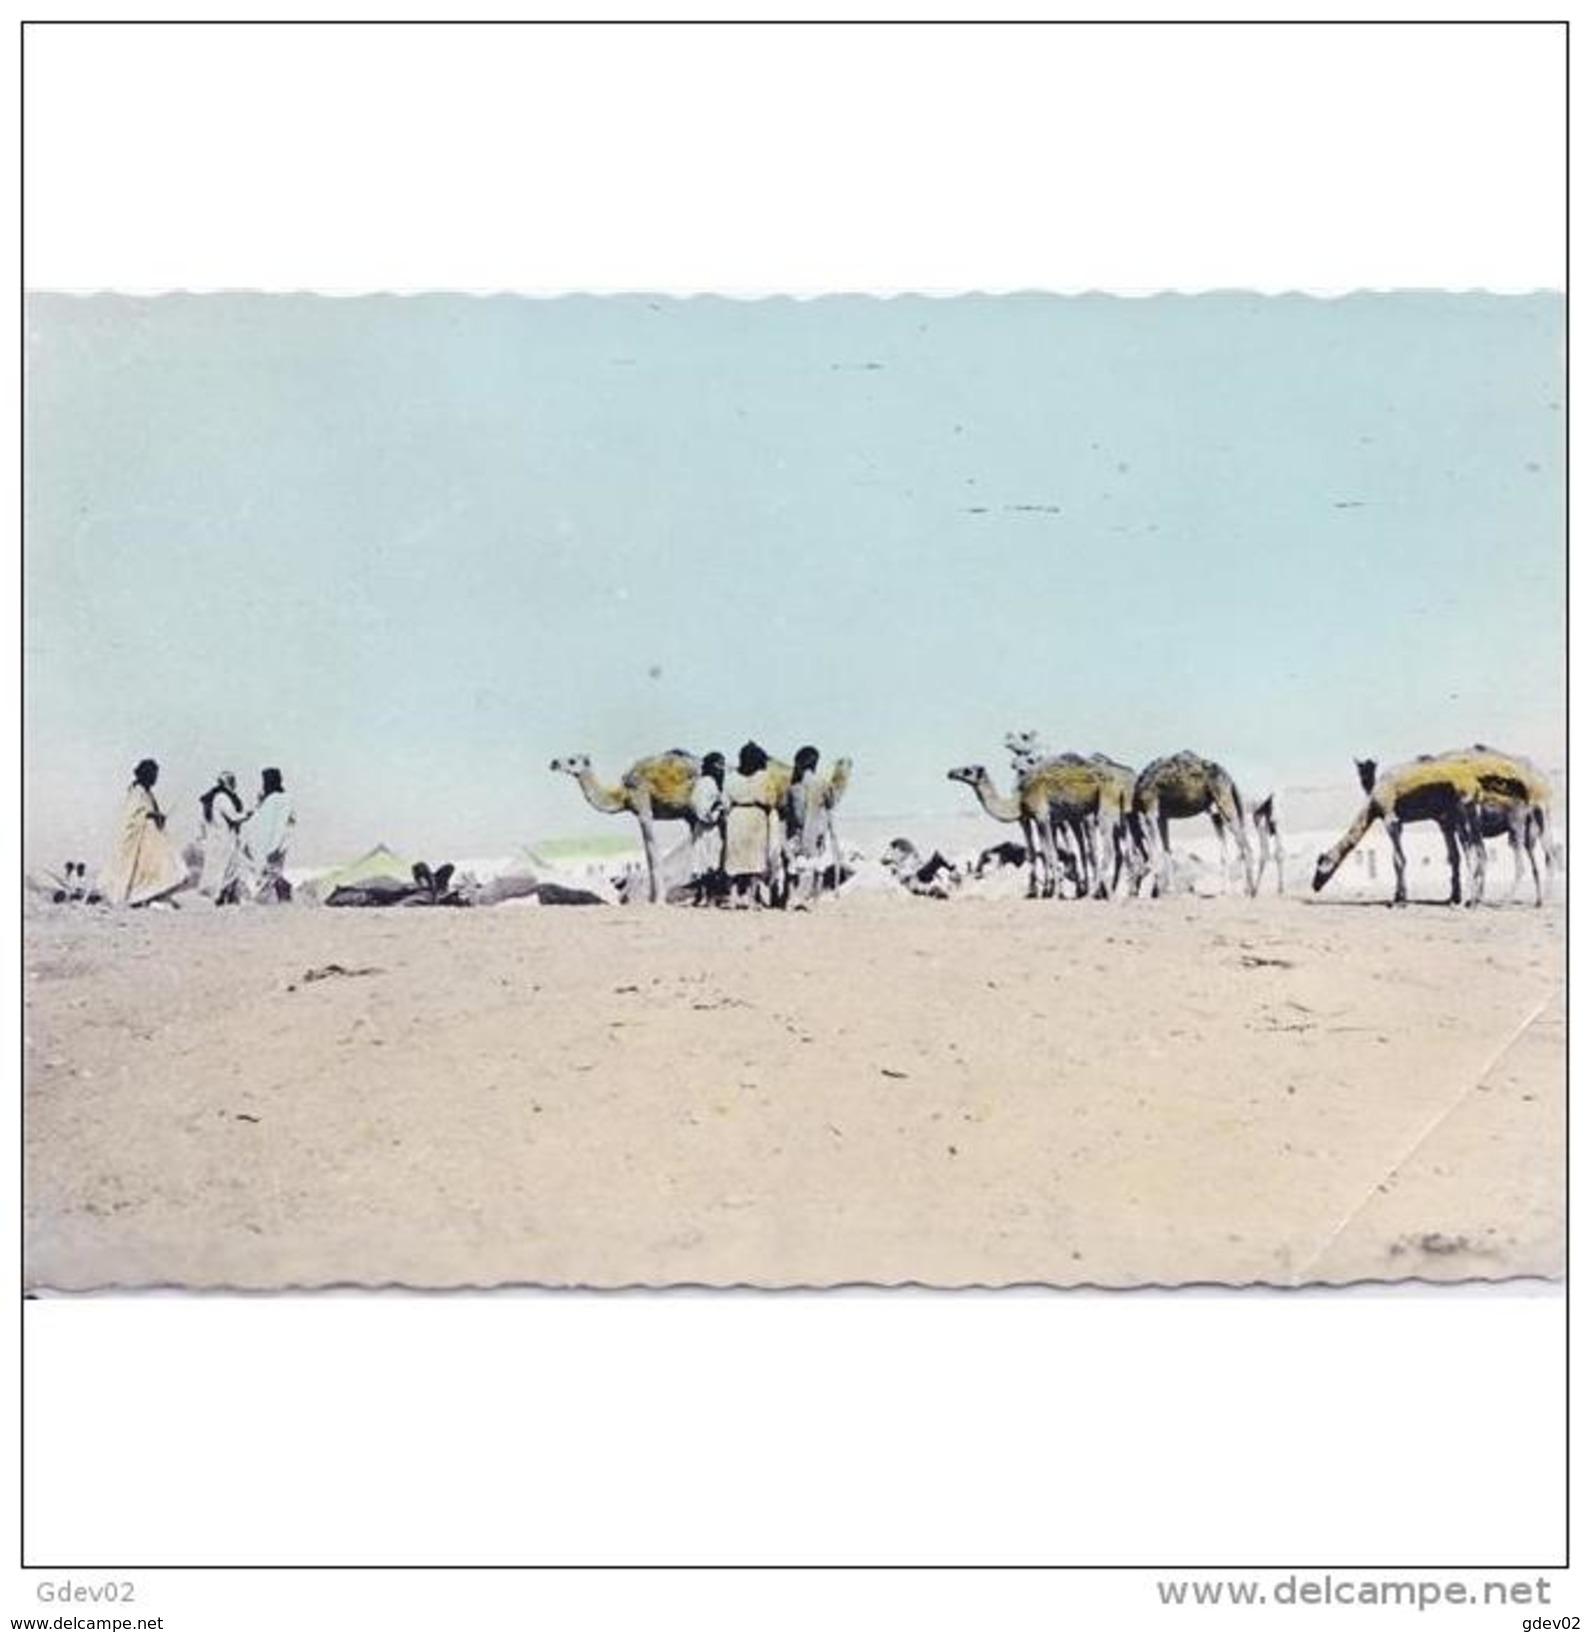 AFDNTP1055J-LFTMD12089TCME.TARJETA DE MARRUECOS.Mercado De Camellos En El  DESIERTO  DE  EL AIUM - Mercados